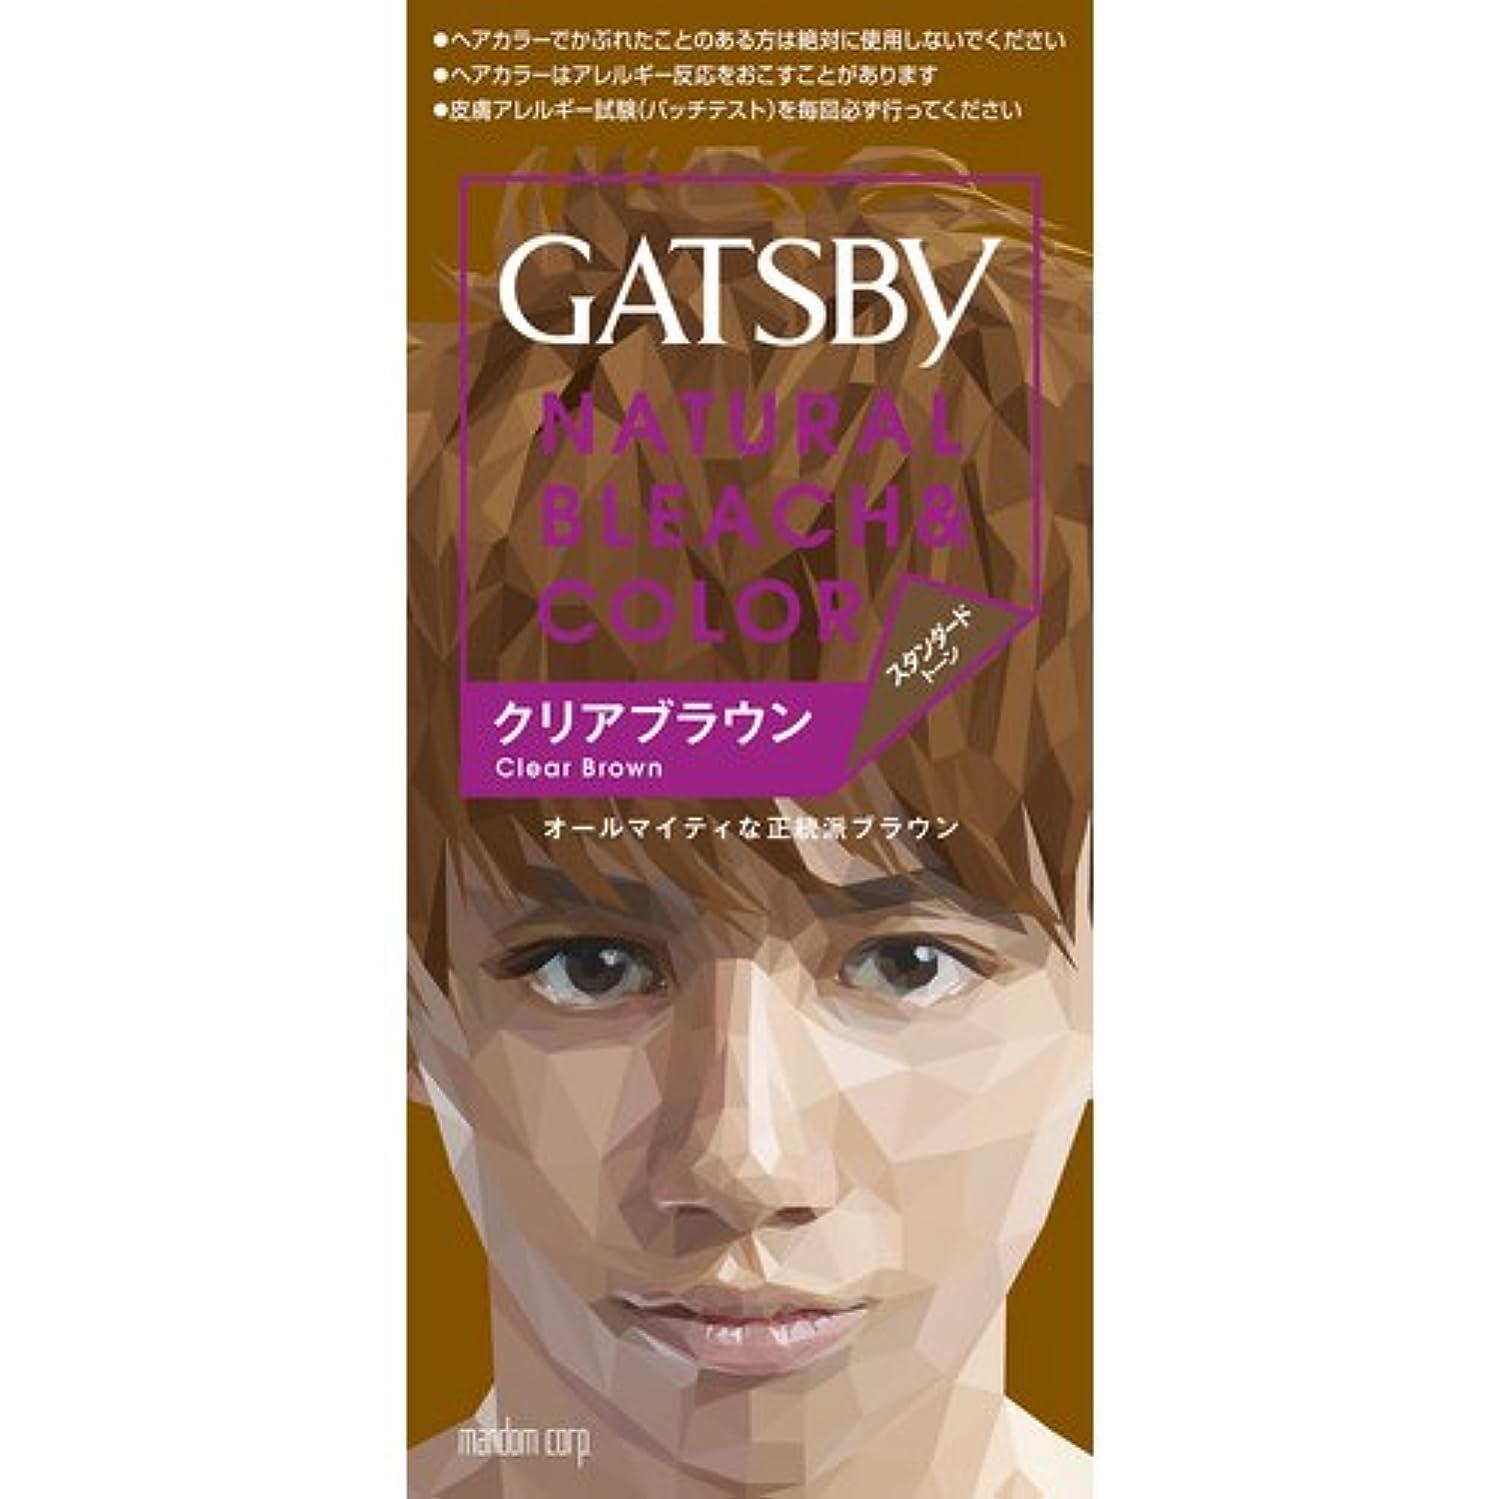 シンプルさ免疫する下にギャツビー(GATSBY) ナチュラルブリーチカラー クリアブラウン 35g+70ml [医薬部外品]